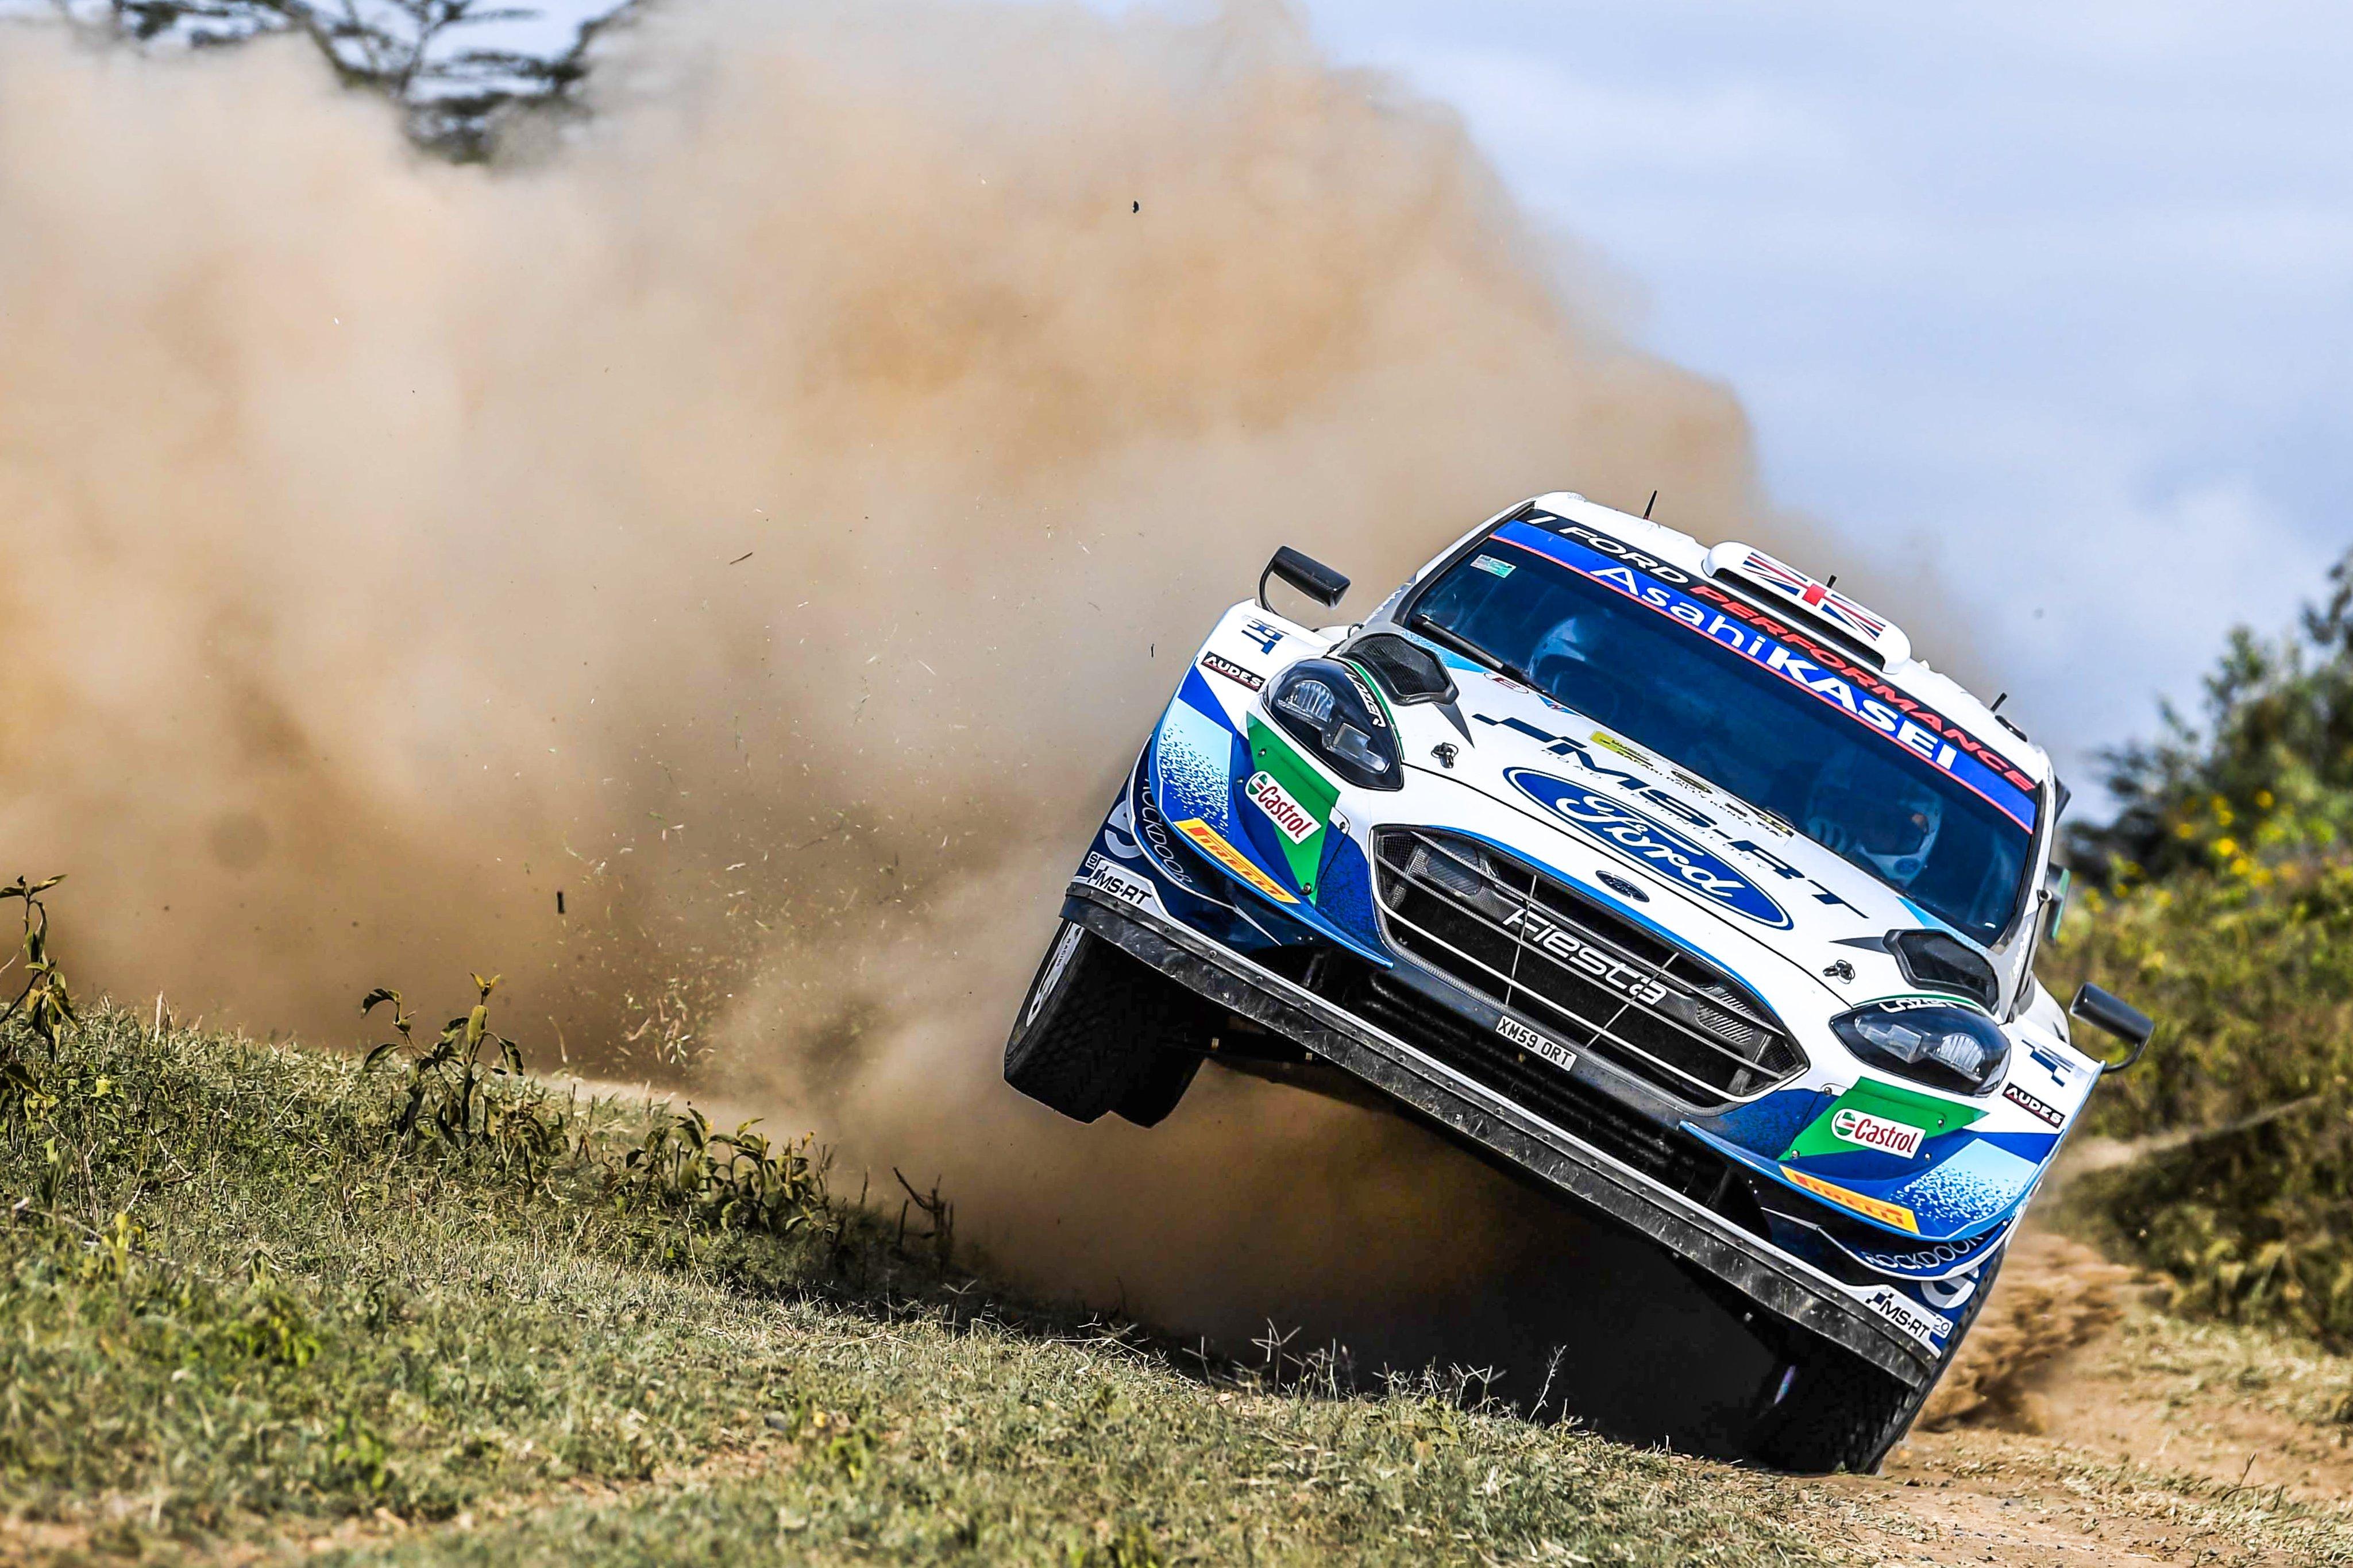 WRC: Safari Rally Kenya [23-27 Junio] - Página 4 E4vQdHDXIAQzFP6?format=jpg&name=4096x4096